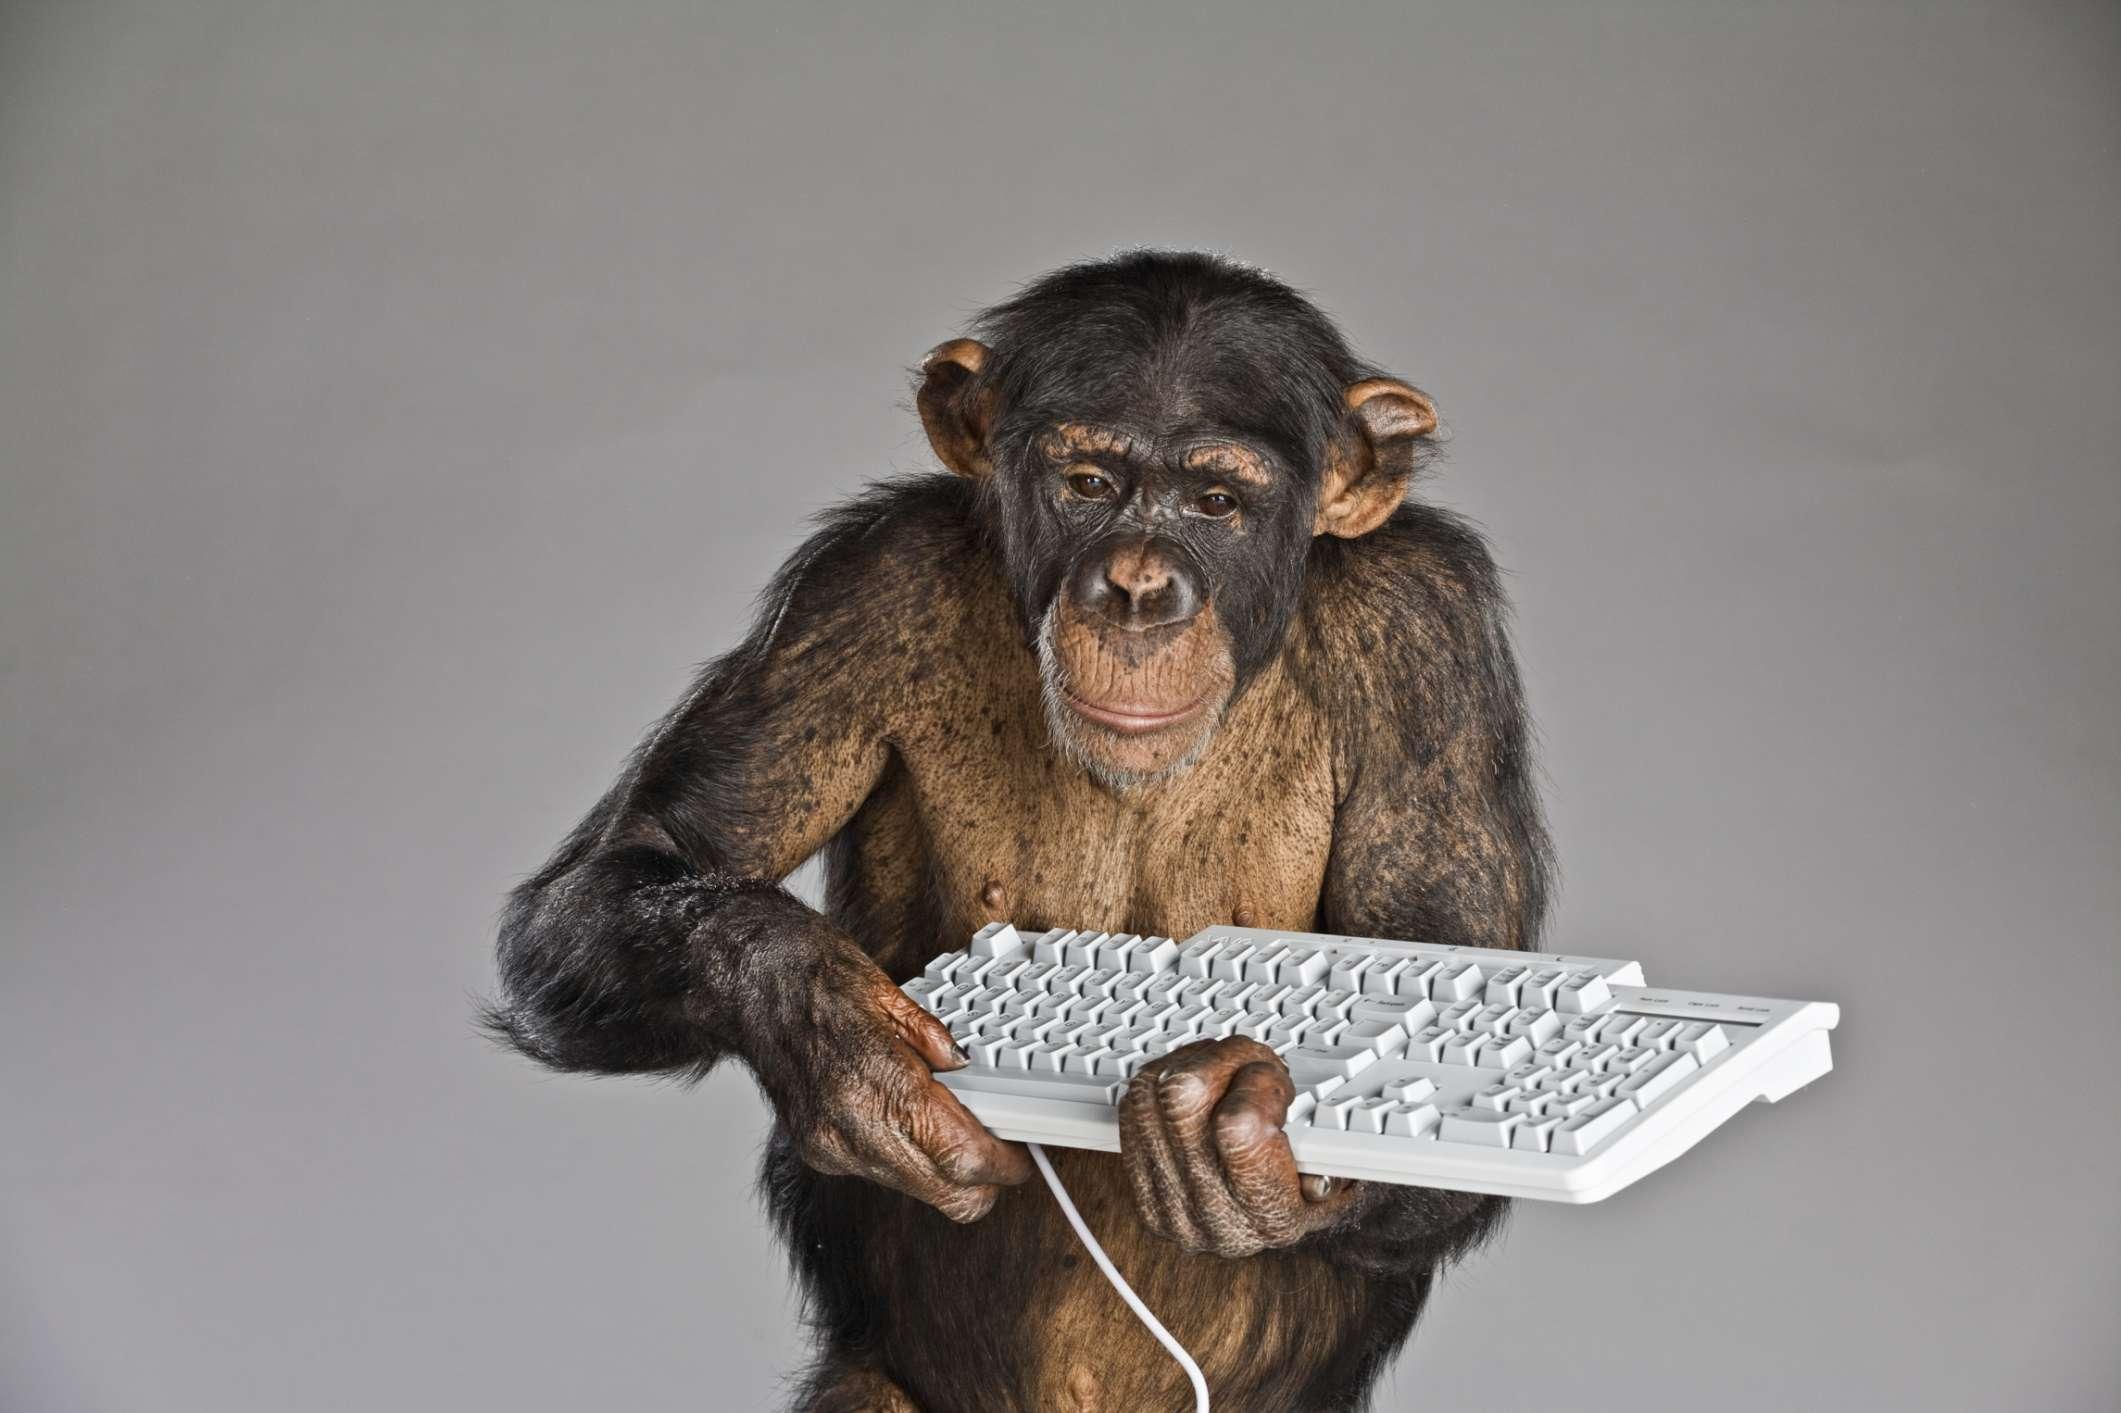 Chimpanzee holding keyboard.